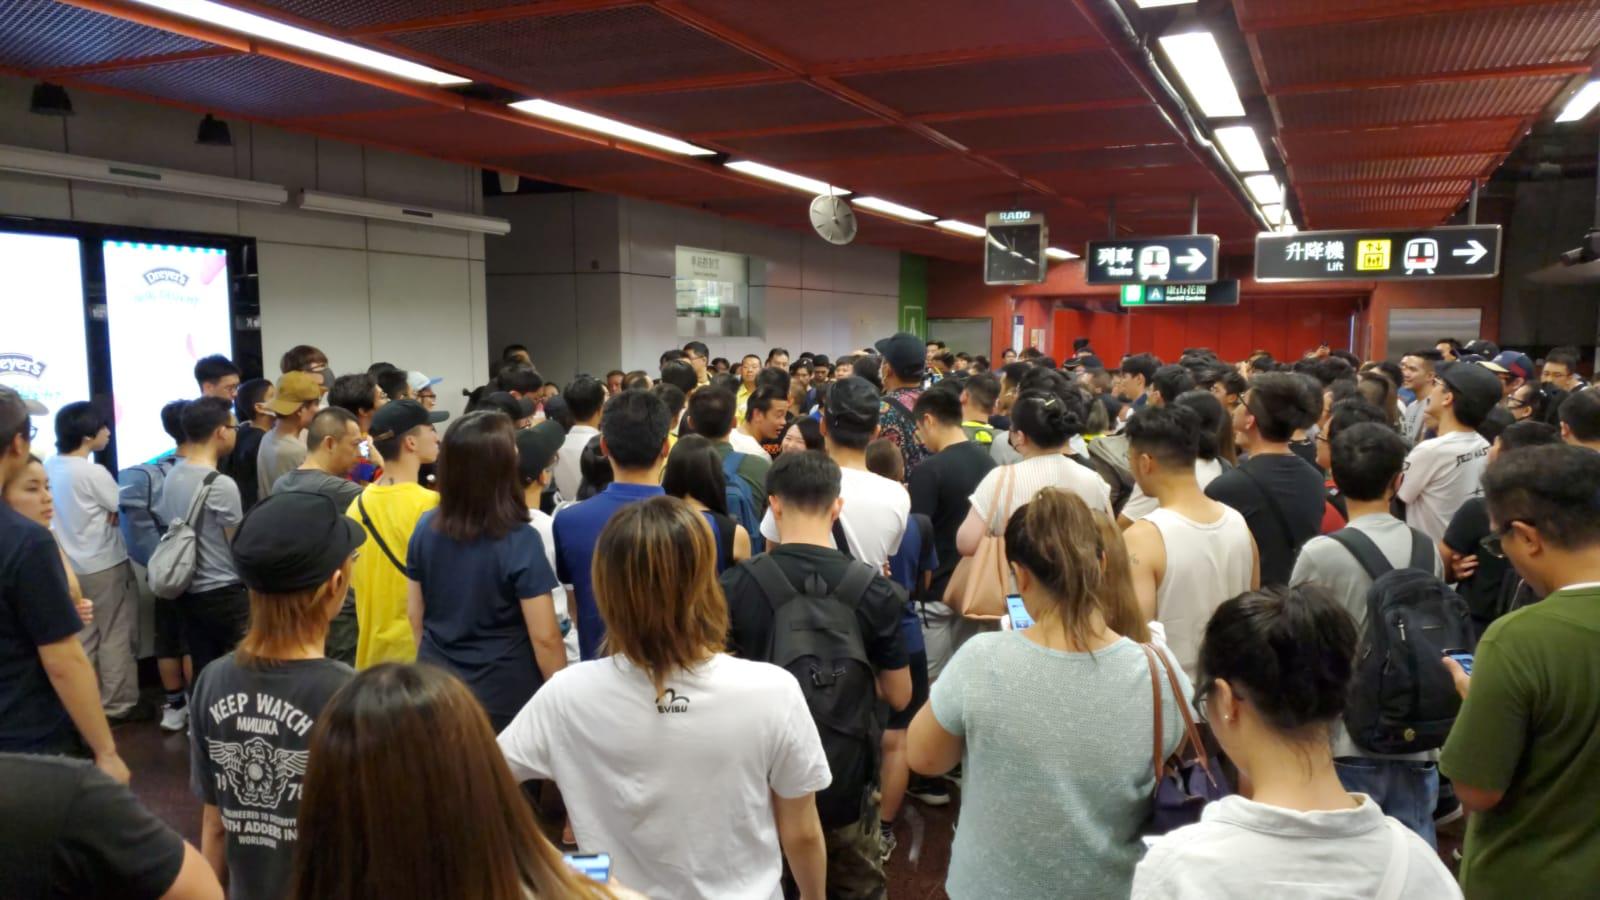 港鐵太古站昨晚有逾百人包圍車站控制室。